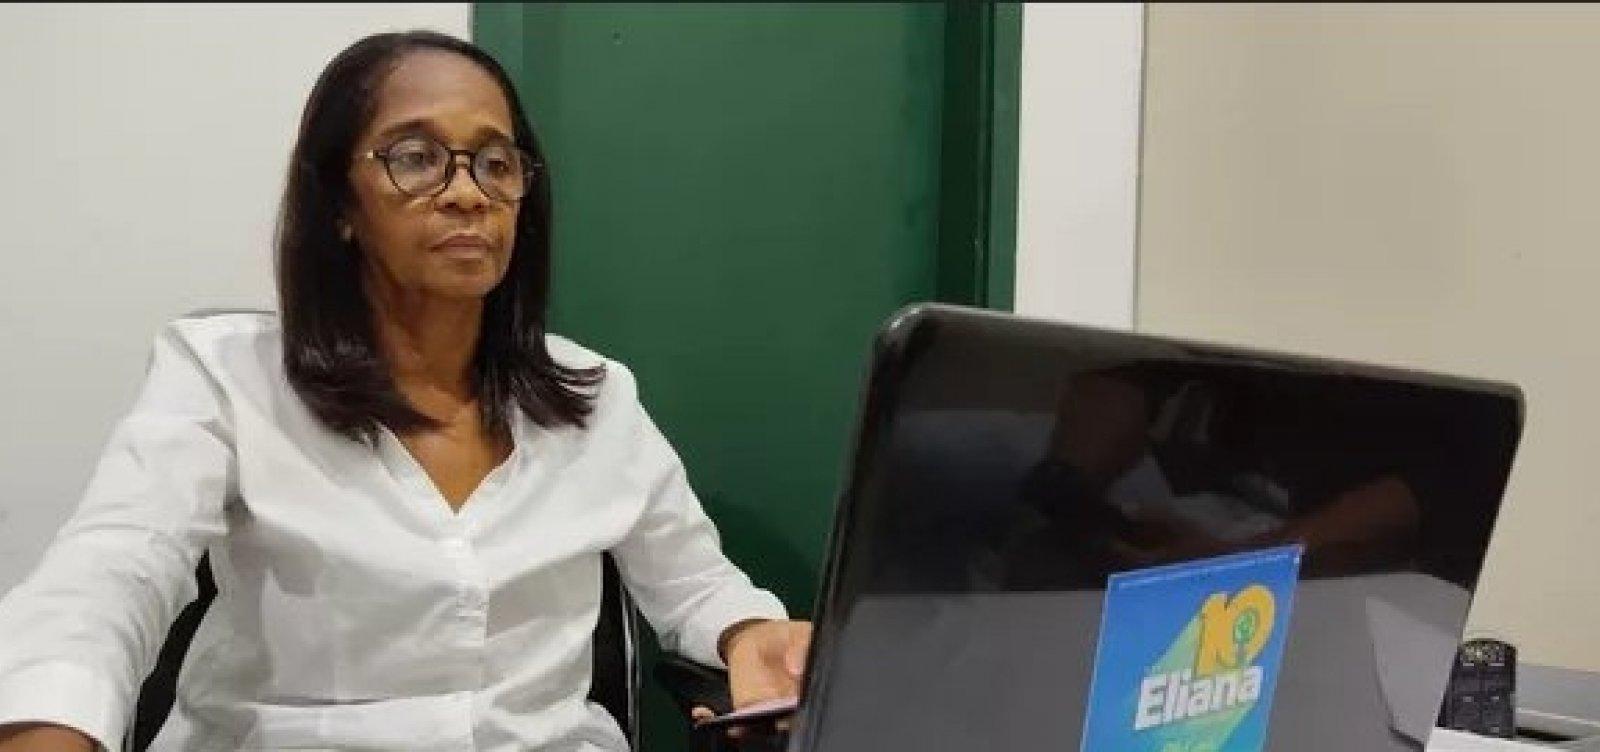 [Primeira mulher prefeita de Cachoeira relata ameaças de morte após assumir o cargo]